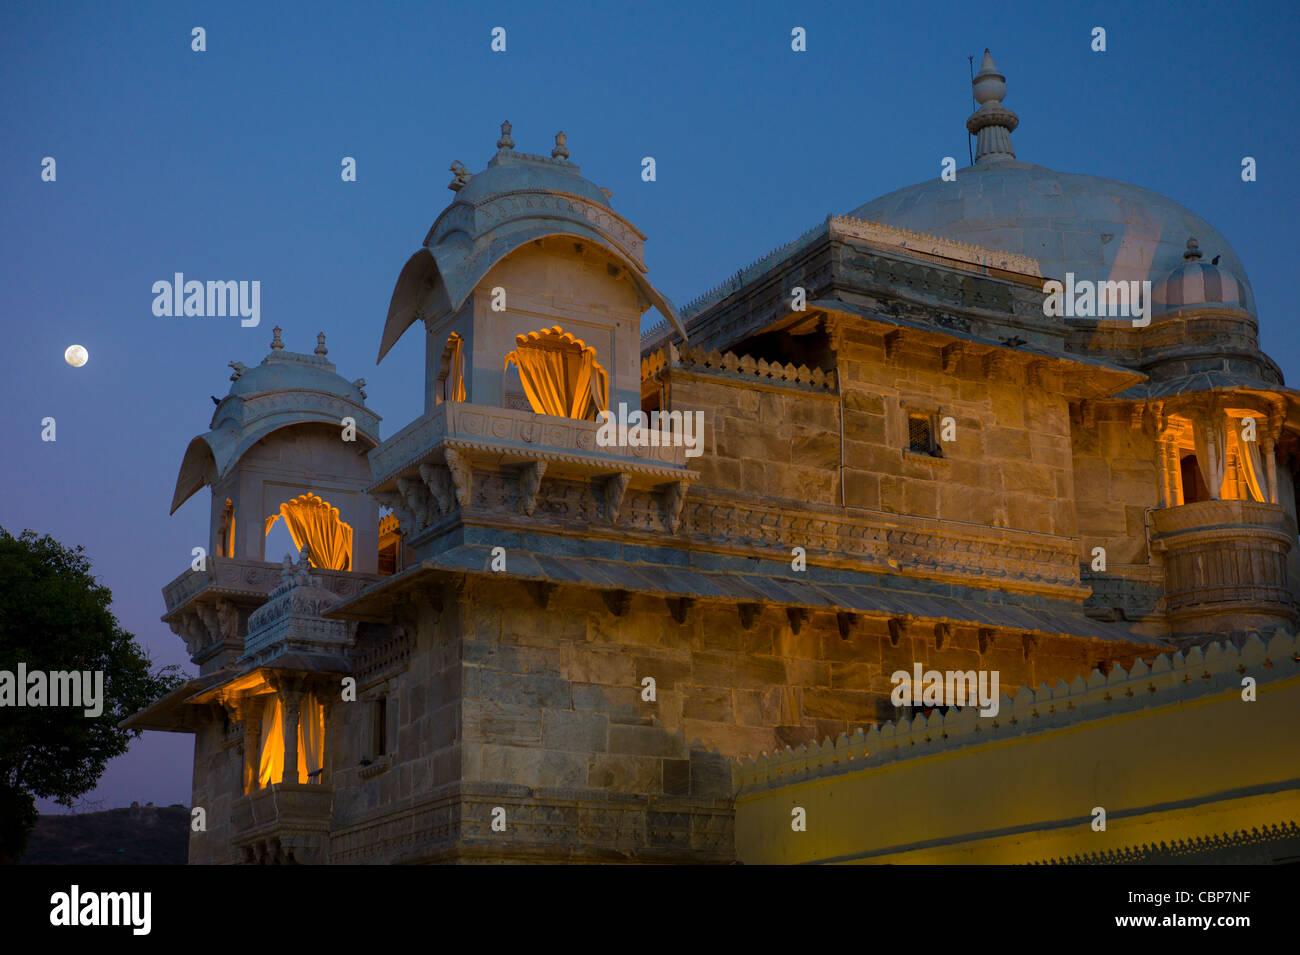 Jagmandir Insel Palast der Stadt Schlossanlage des 76. Maharana von Mewar, Shreeji Arvind Singh Mewar Udaipur Rajasthan Stockbild